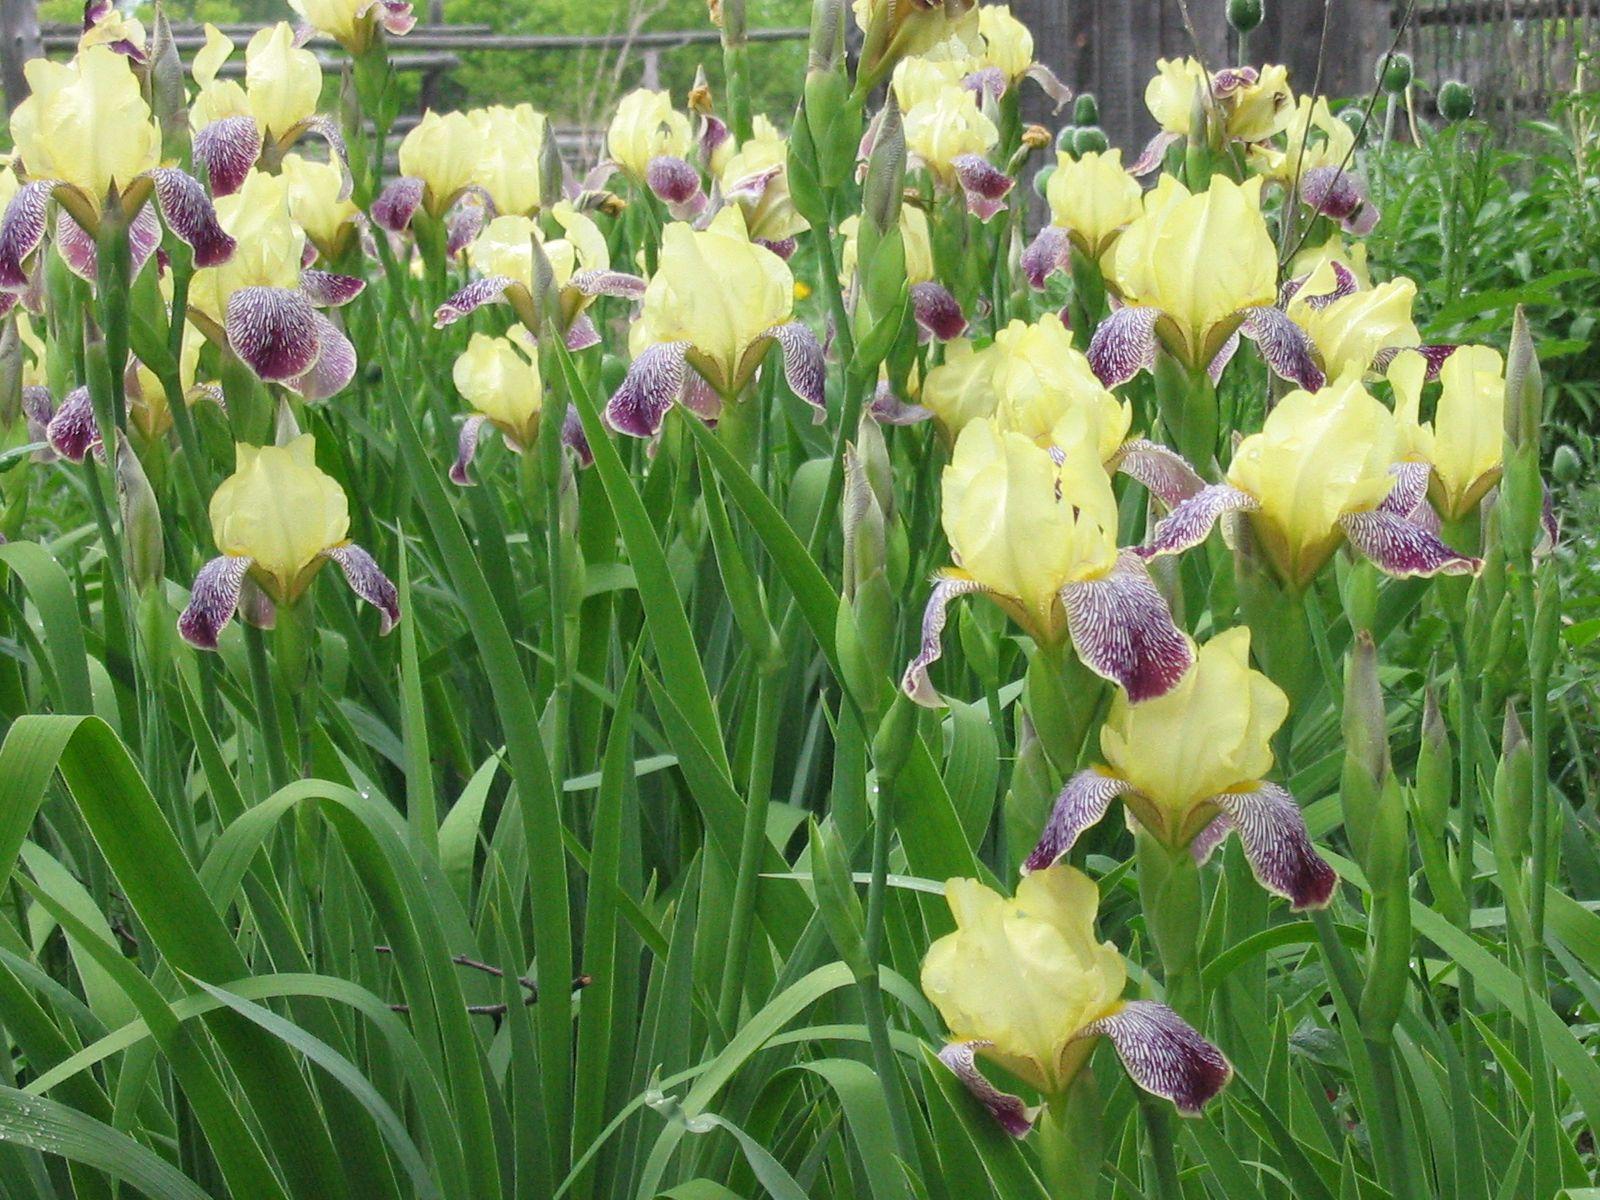 Iris flower 3172 widescreen i flowers pinterest iris flower 3172 widescreen dhlflorist Image collections